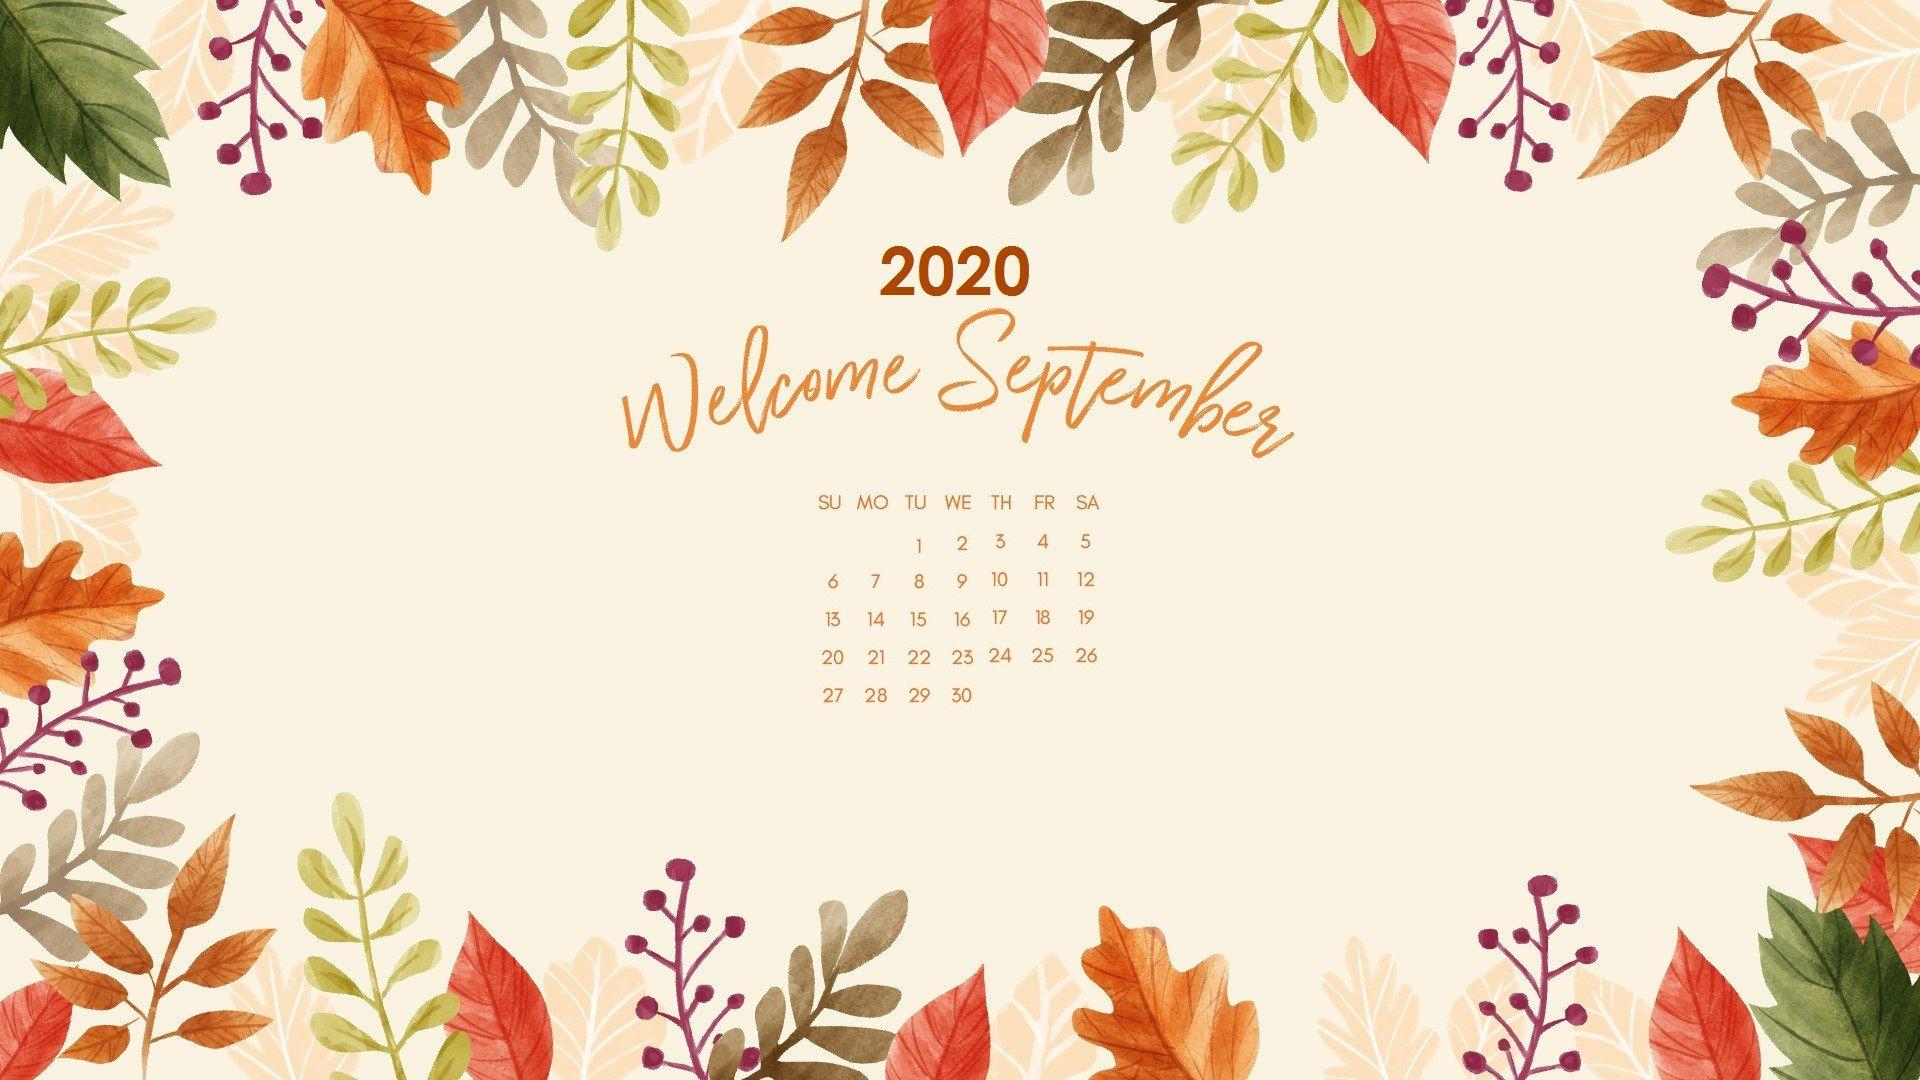 September 2020 Floral Background In 2020 Calendar Wallpaper Spring Desktop Wallpaper September Wallpaper